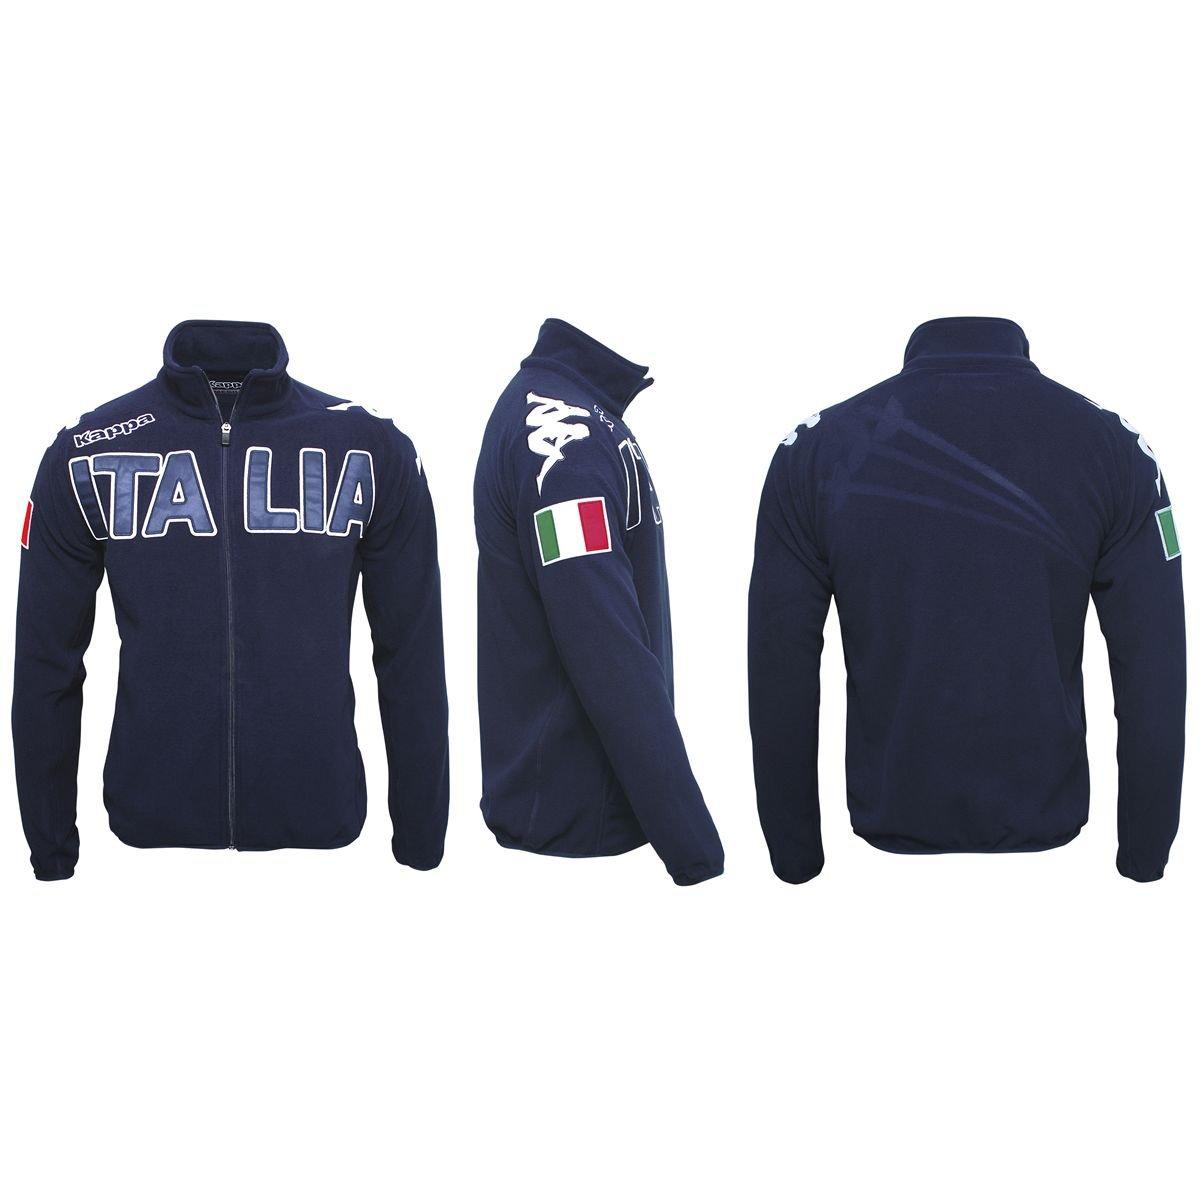 Kappa Felpe Eroi Polar Italia Fis Navy Blue XXL